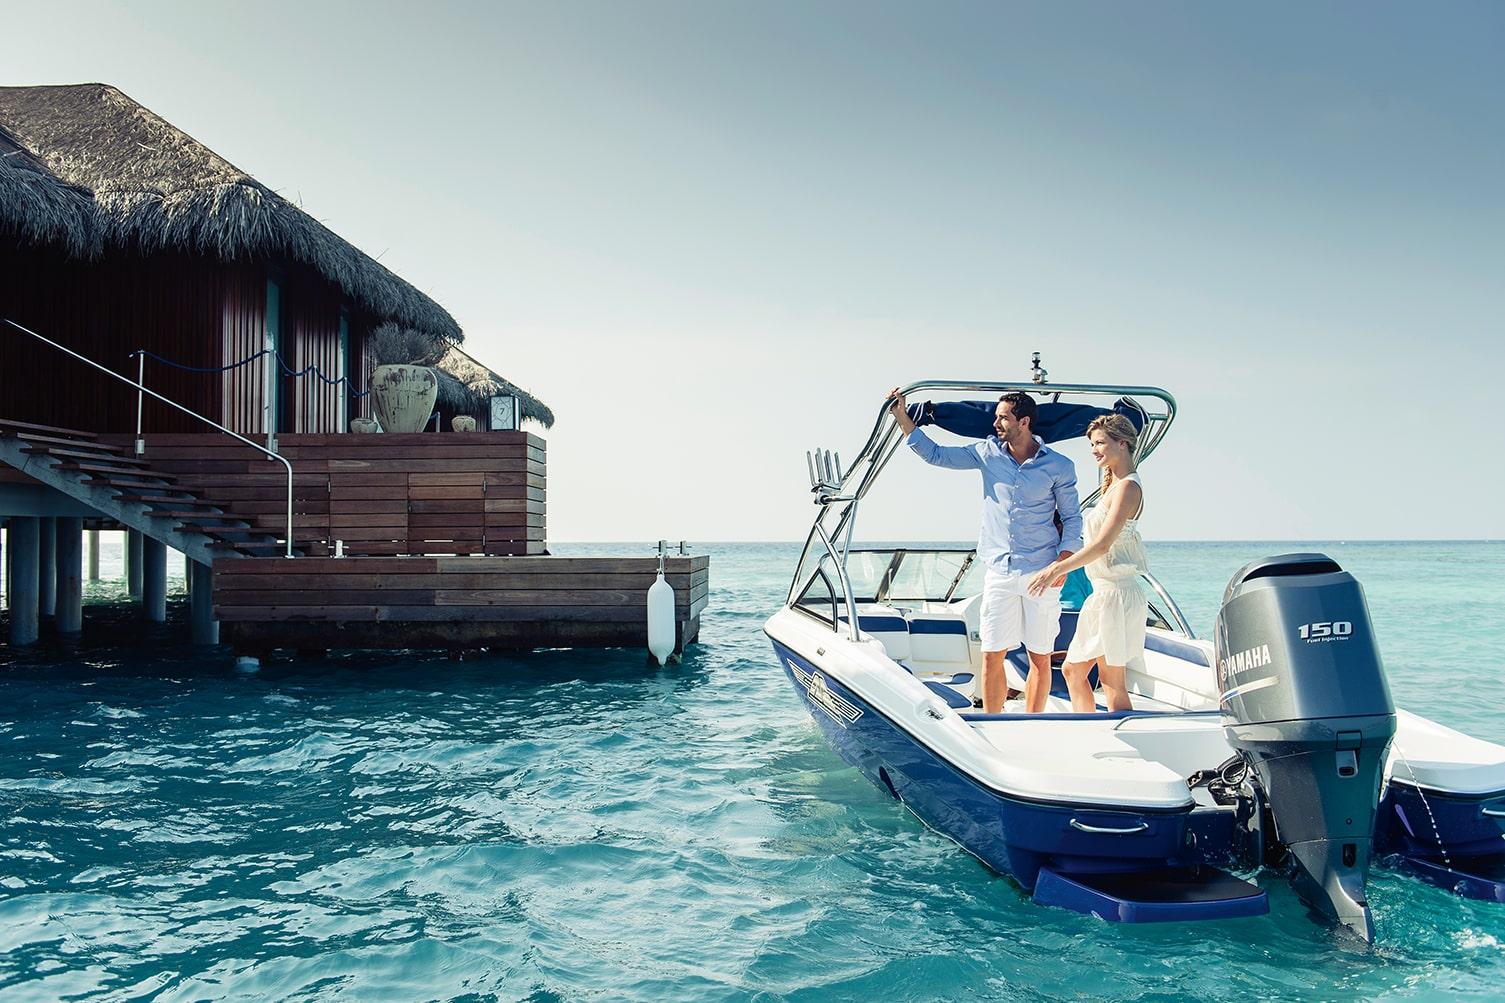 Вілла Romantic Pool Residence - це місце, де кожен може відчути себе знаменитістю світового рівня. До вілли можна дістатися тільки на човні, з її вікон відкриваються панорамні види на бірюзові води Індійського океану, а розміщення передбачає приватні послуги дворецького і кухаря.